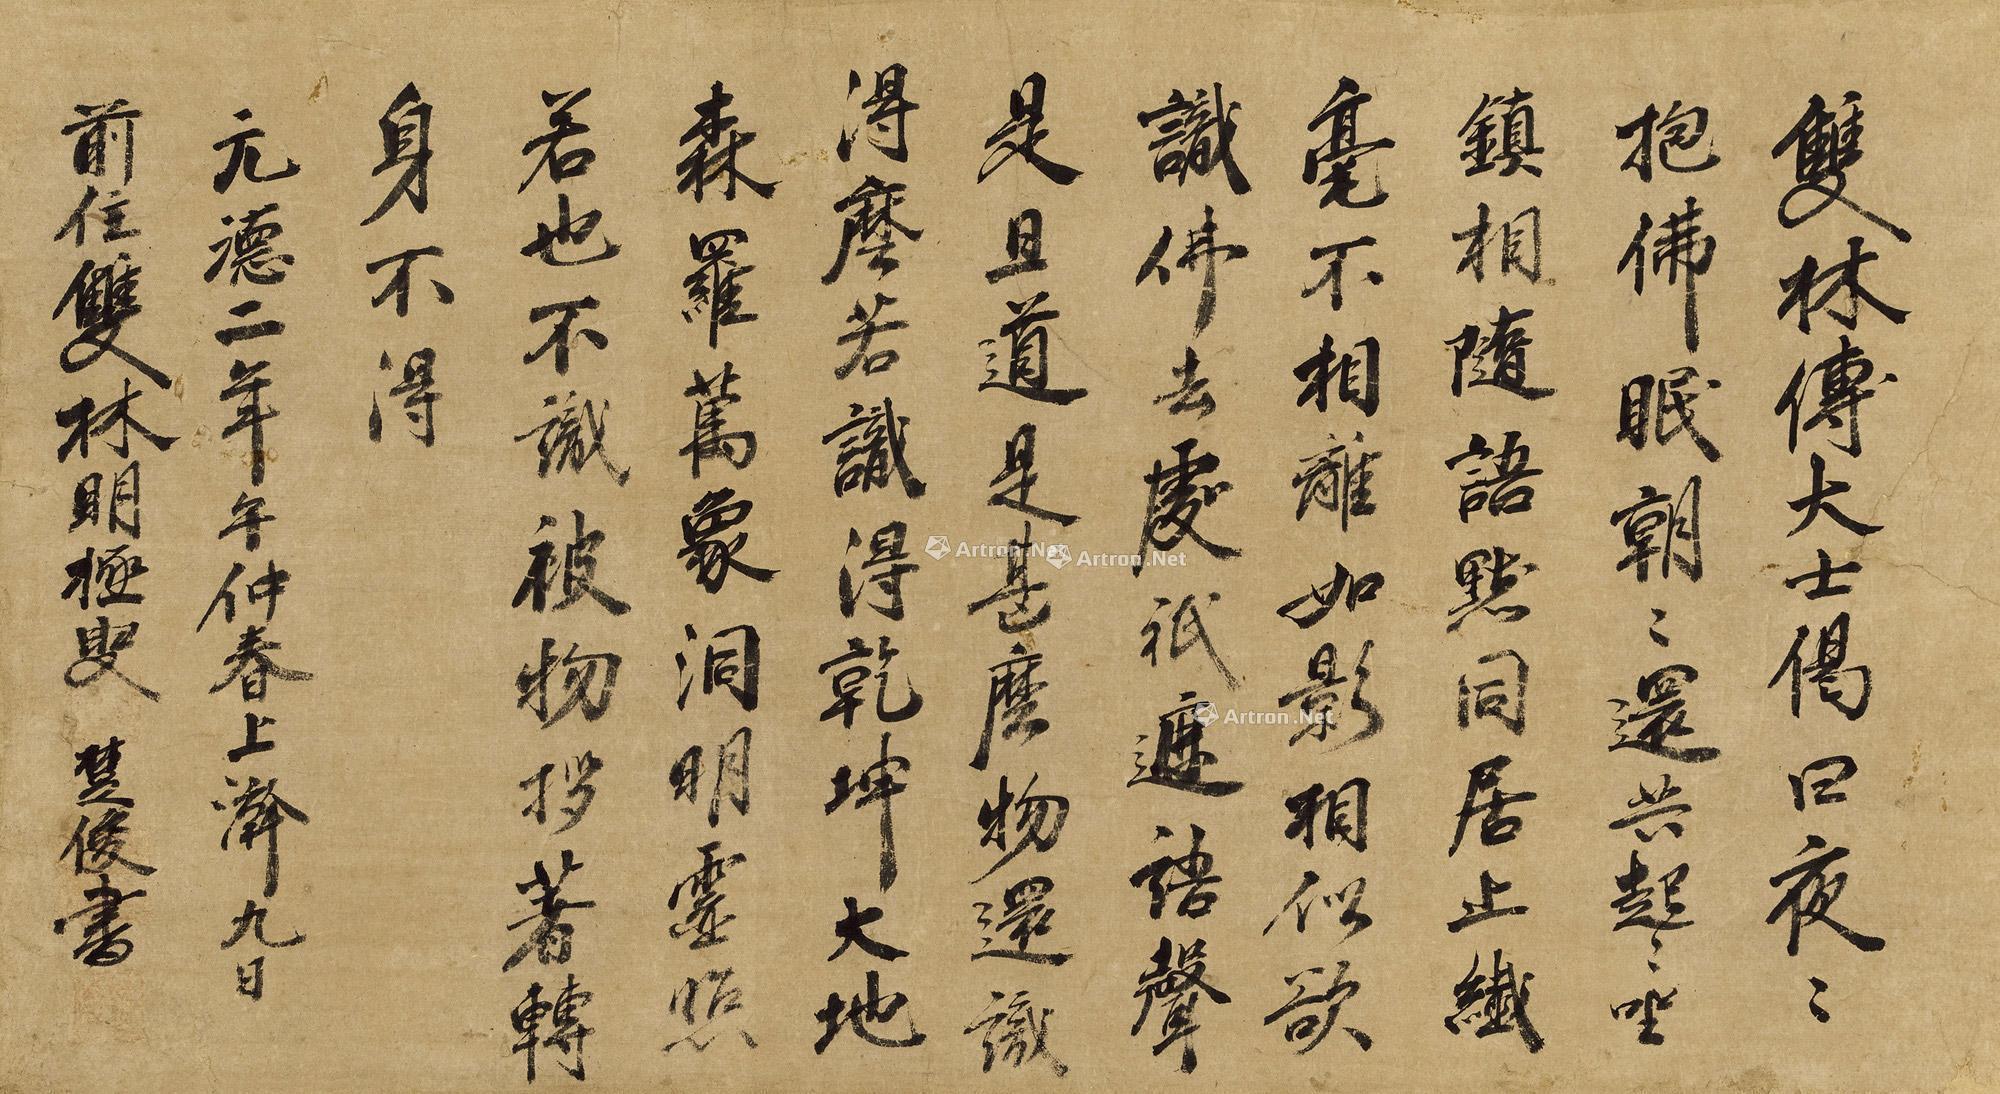 东京,京都,大阪和奈良等国立博物馆,就汇聚了不少佛教美术品的精华.图片